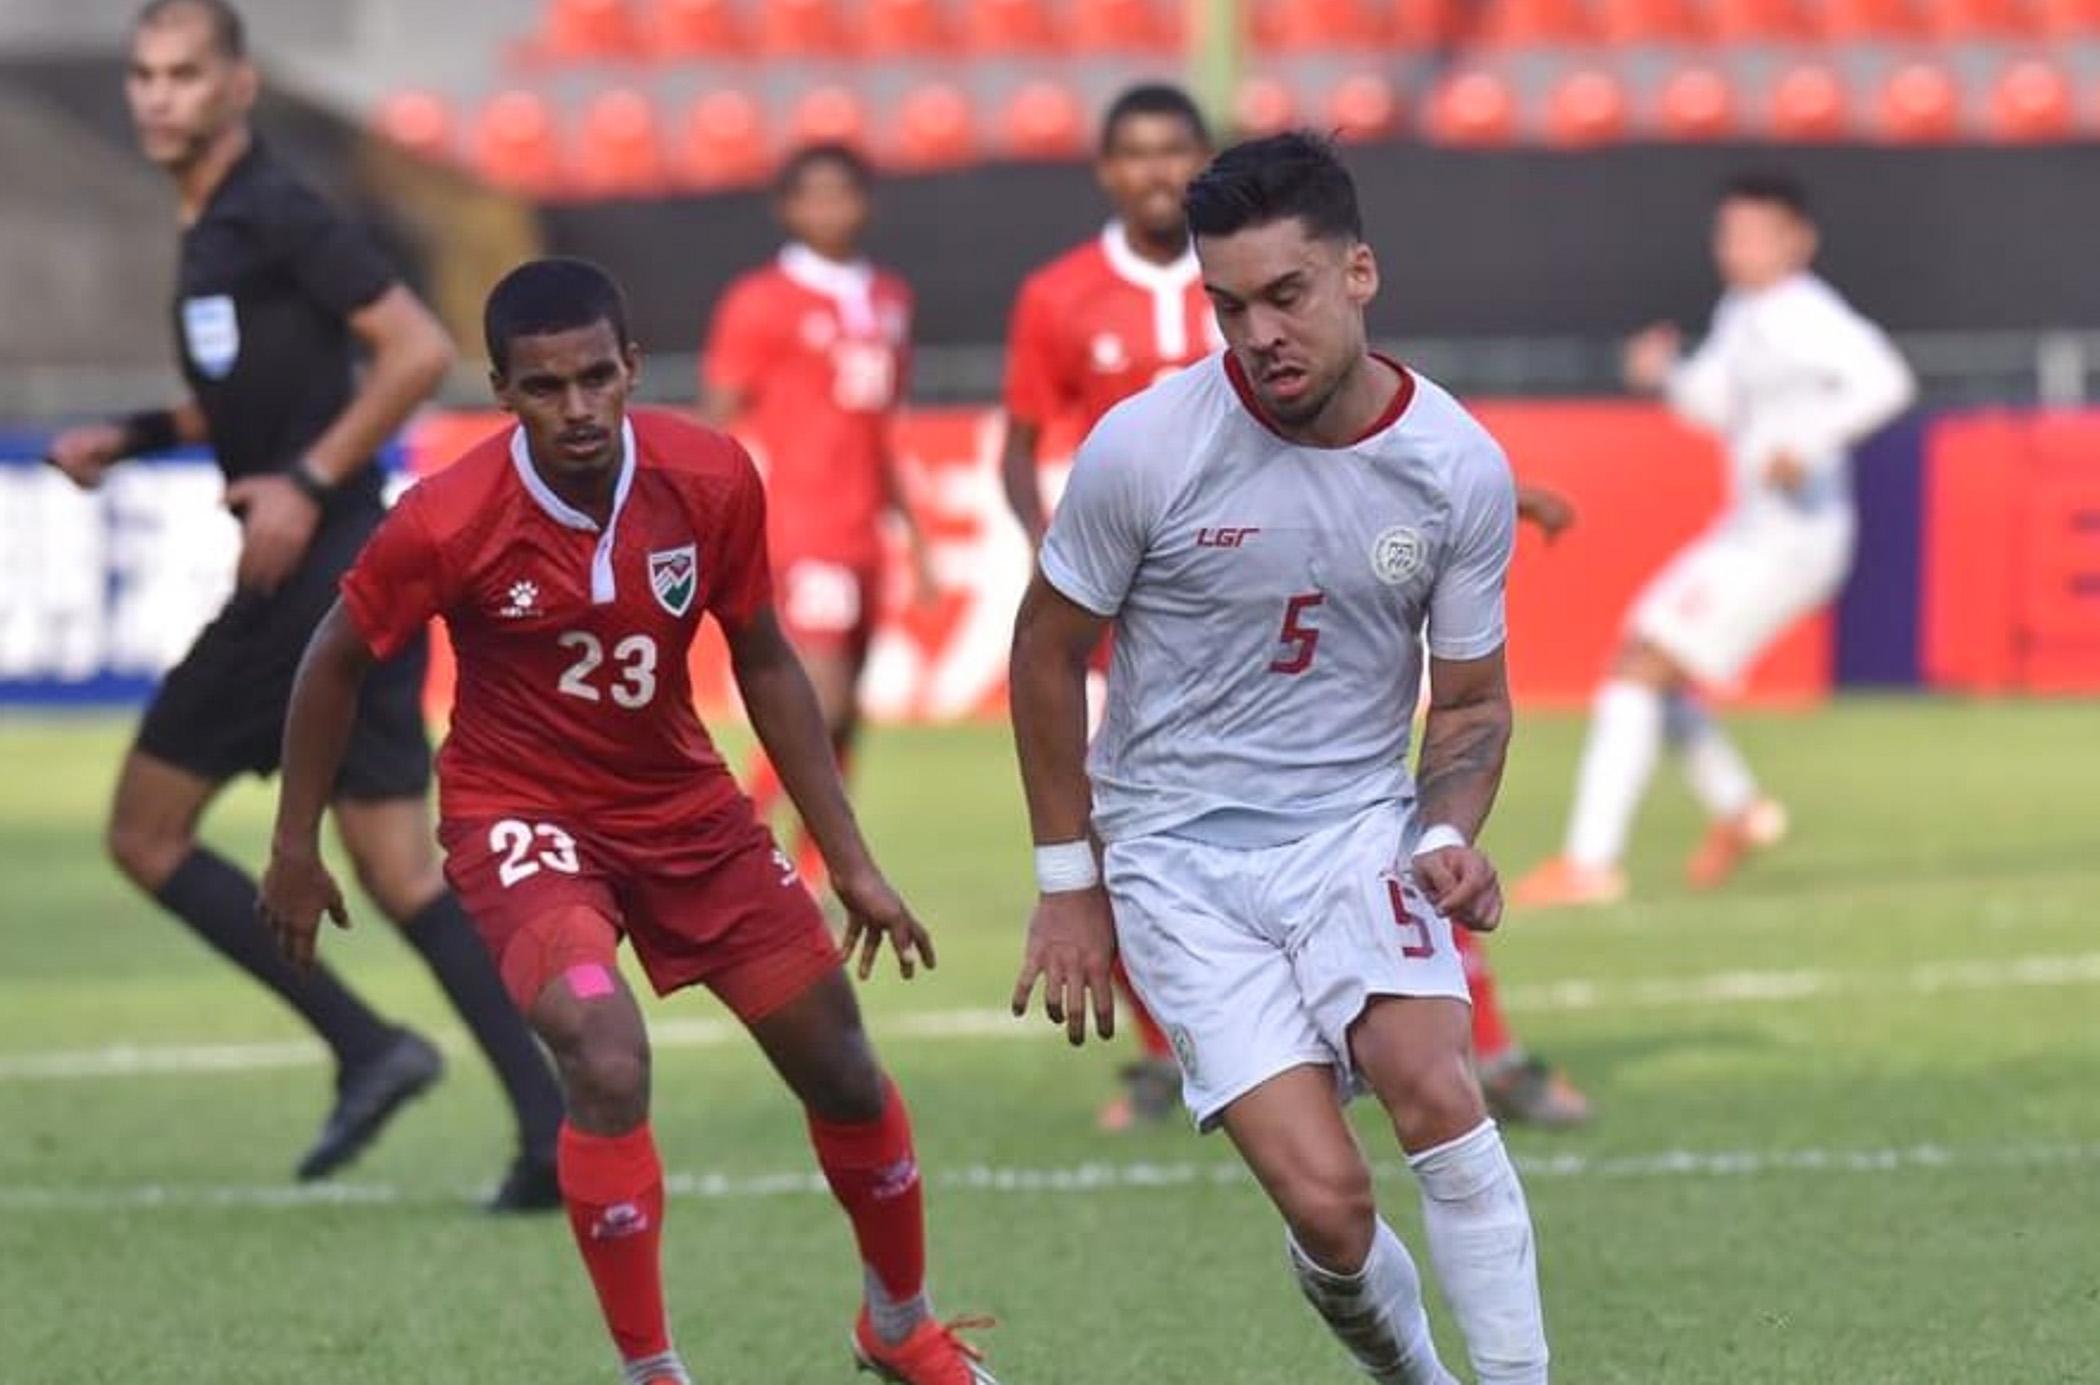 Azkals scores second WCQ win at Maldives' expense